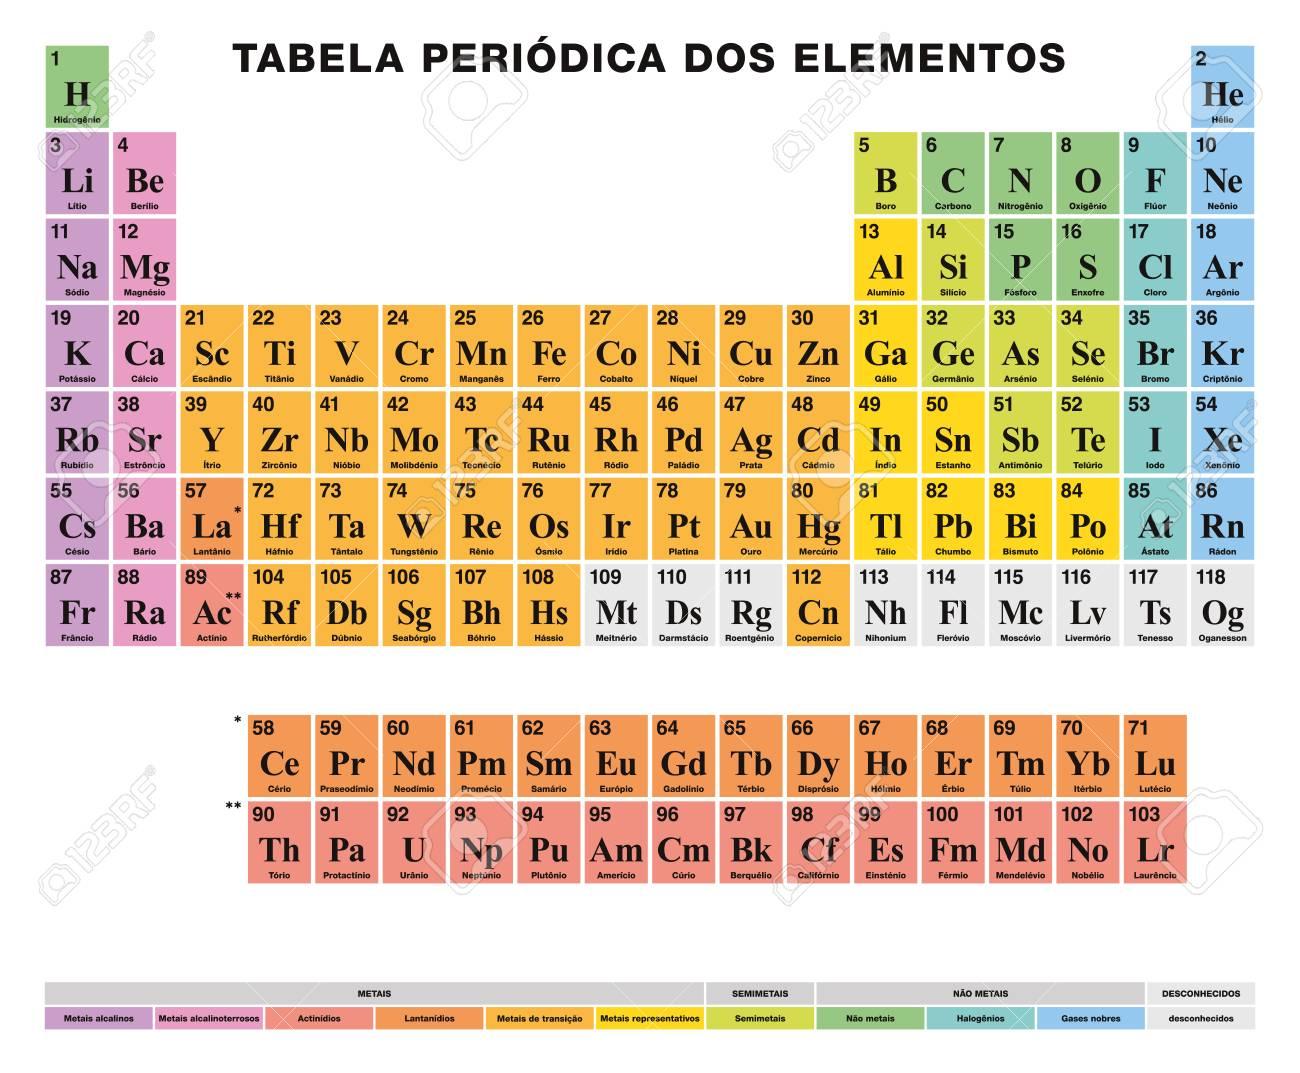 Tabla peridica de los elementos etiquetado portugus disposicin foto de archivo tabla peridica de los elementos etiquetado portugus disposicin tabular 118 elementos qumicos nmeros atmicos smbolos nombres y urtaz Gallery